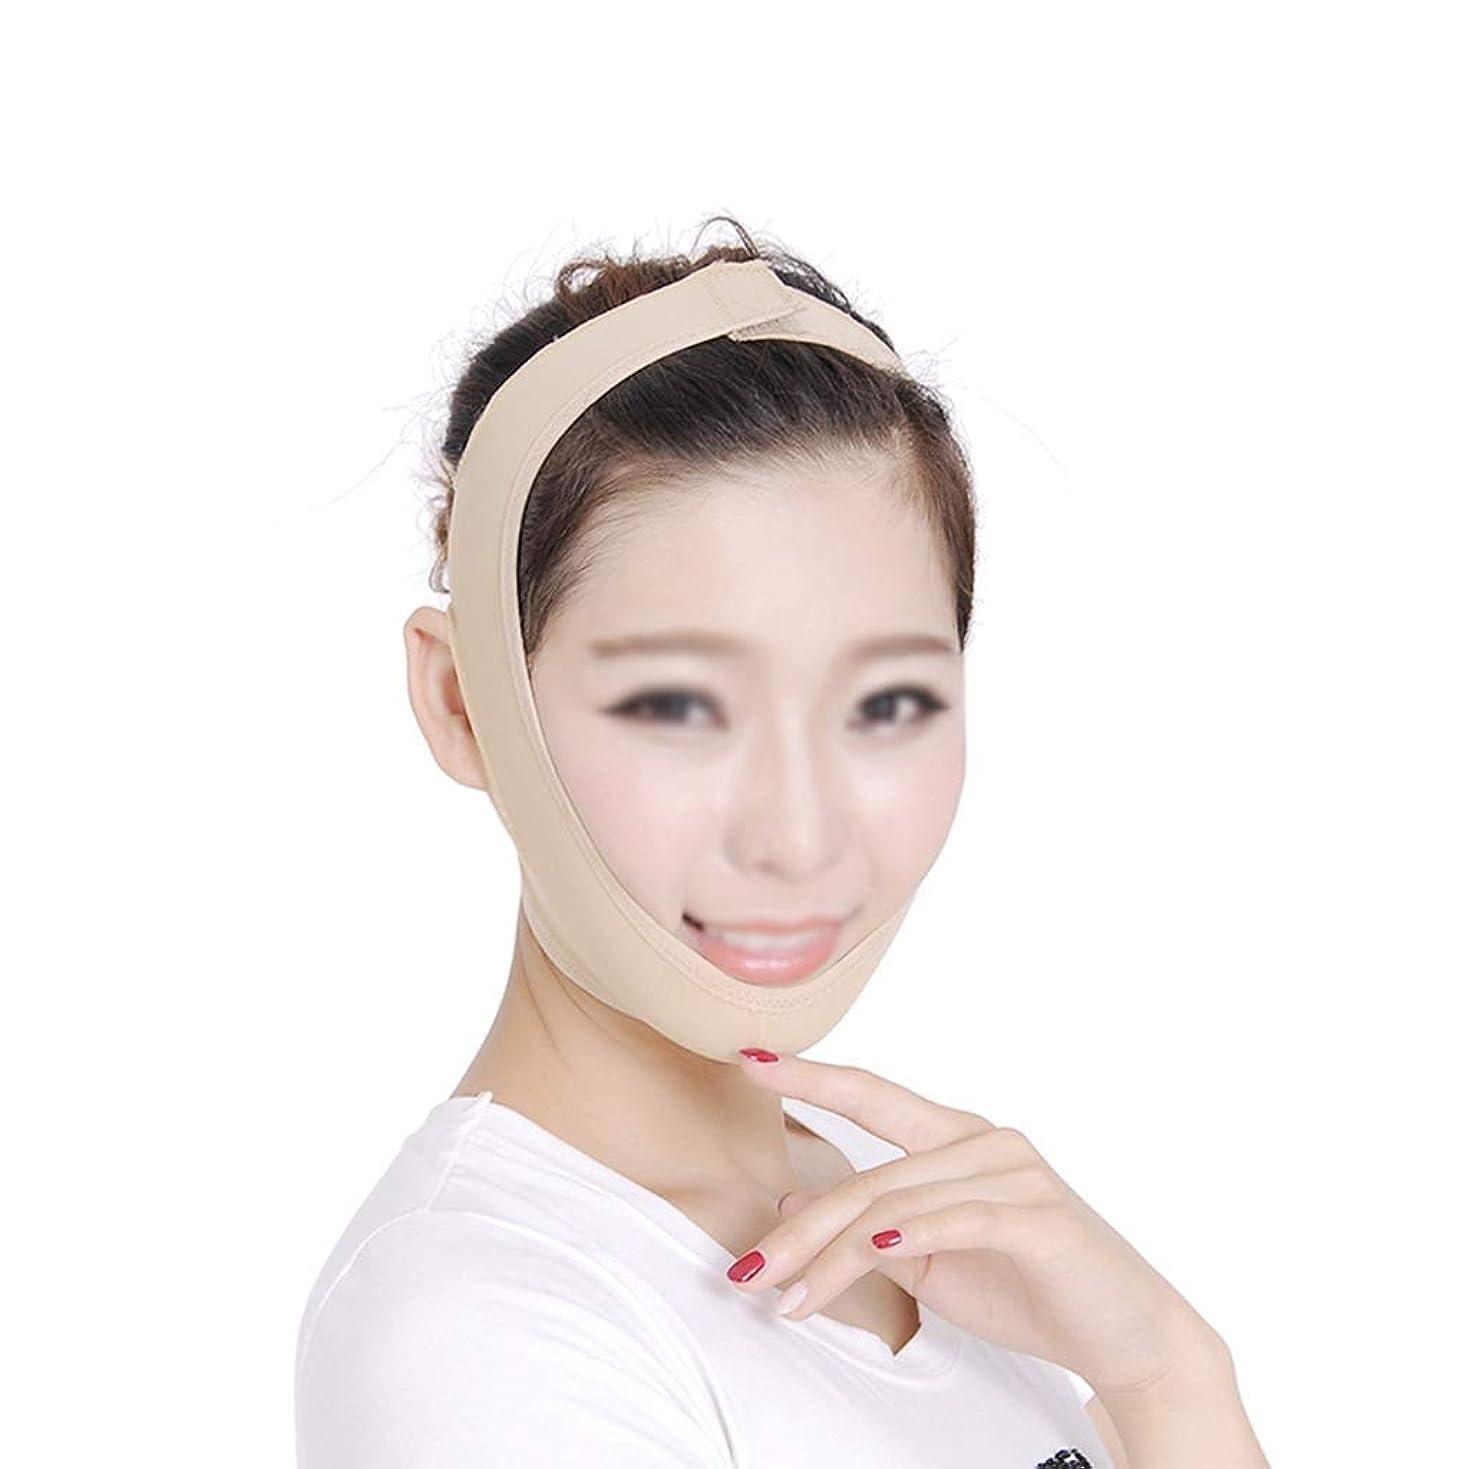 出身地シュリンクヒールフェイシャル減量マスクリフティングフェイス、フェイスマスク、減量包帯を除去するためのダブルチン、フェイシャルリフティング包帯、ダブルチンを減らすためのリフティングベルト(カラー:ブラック、サイズ:M),イエローピンク、S